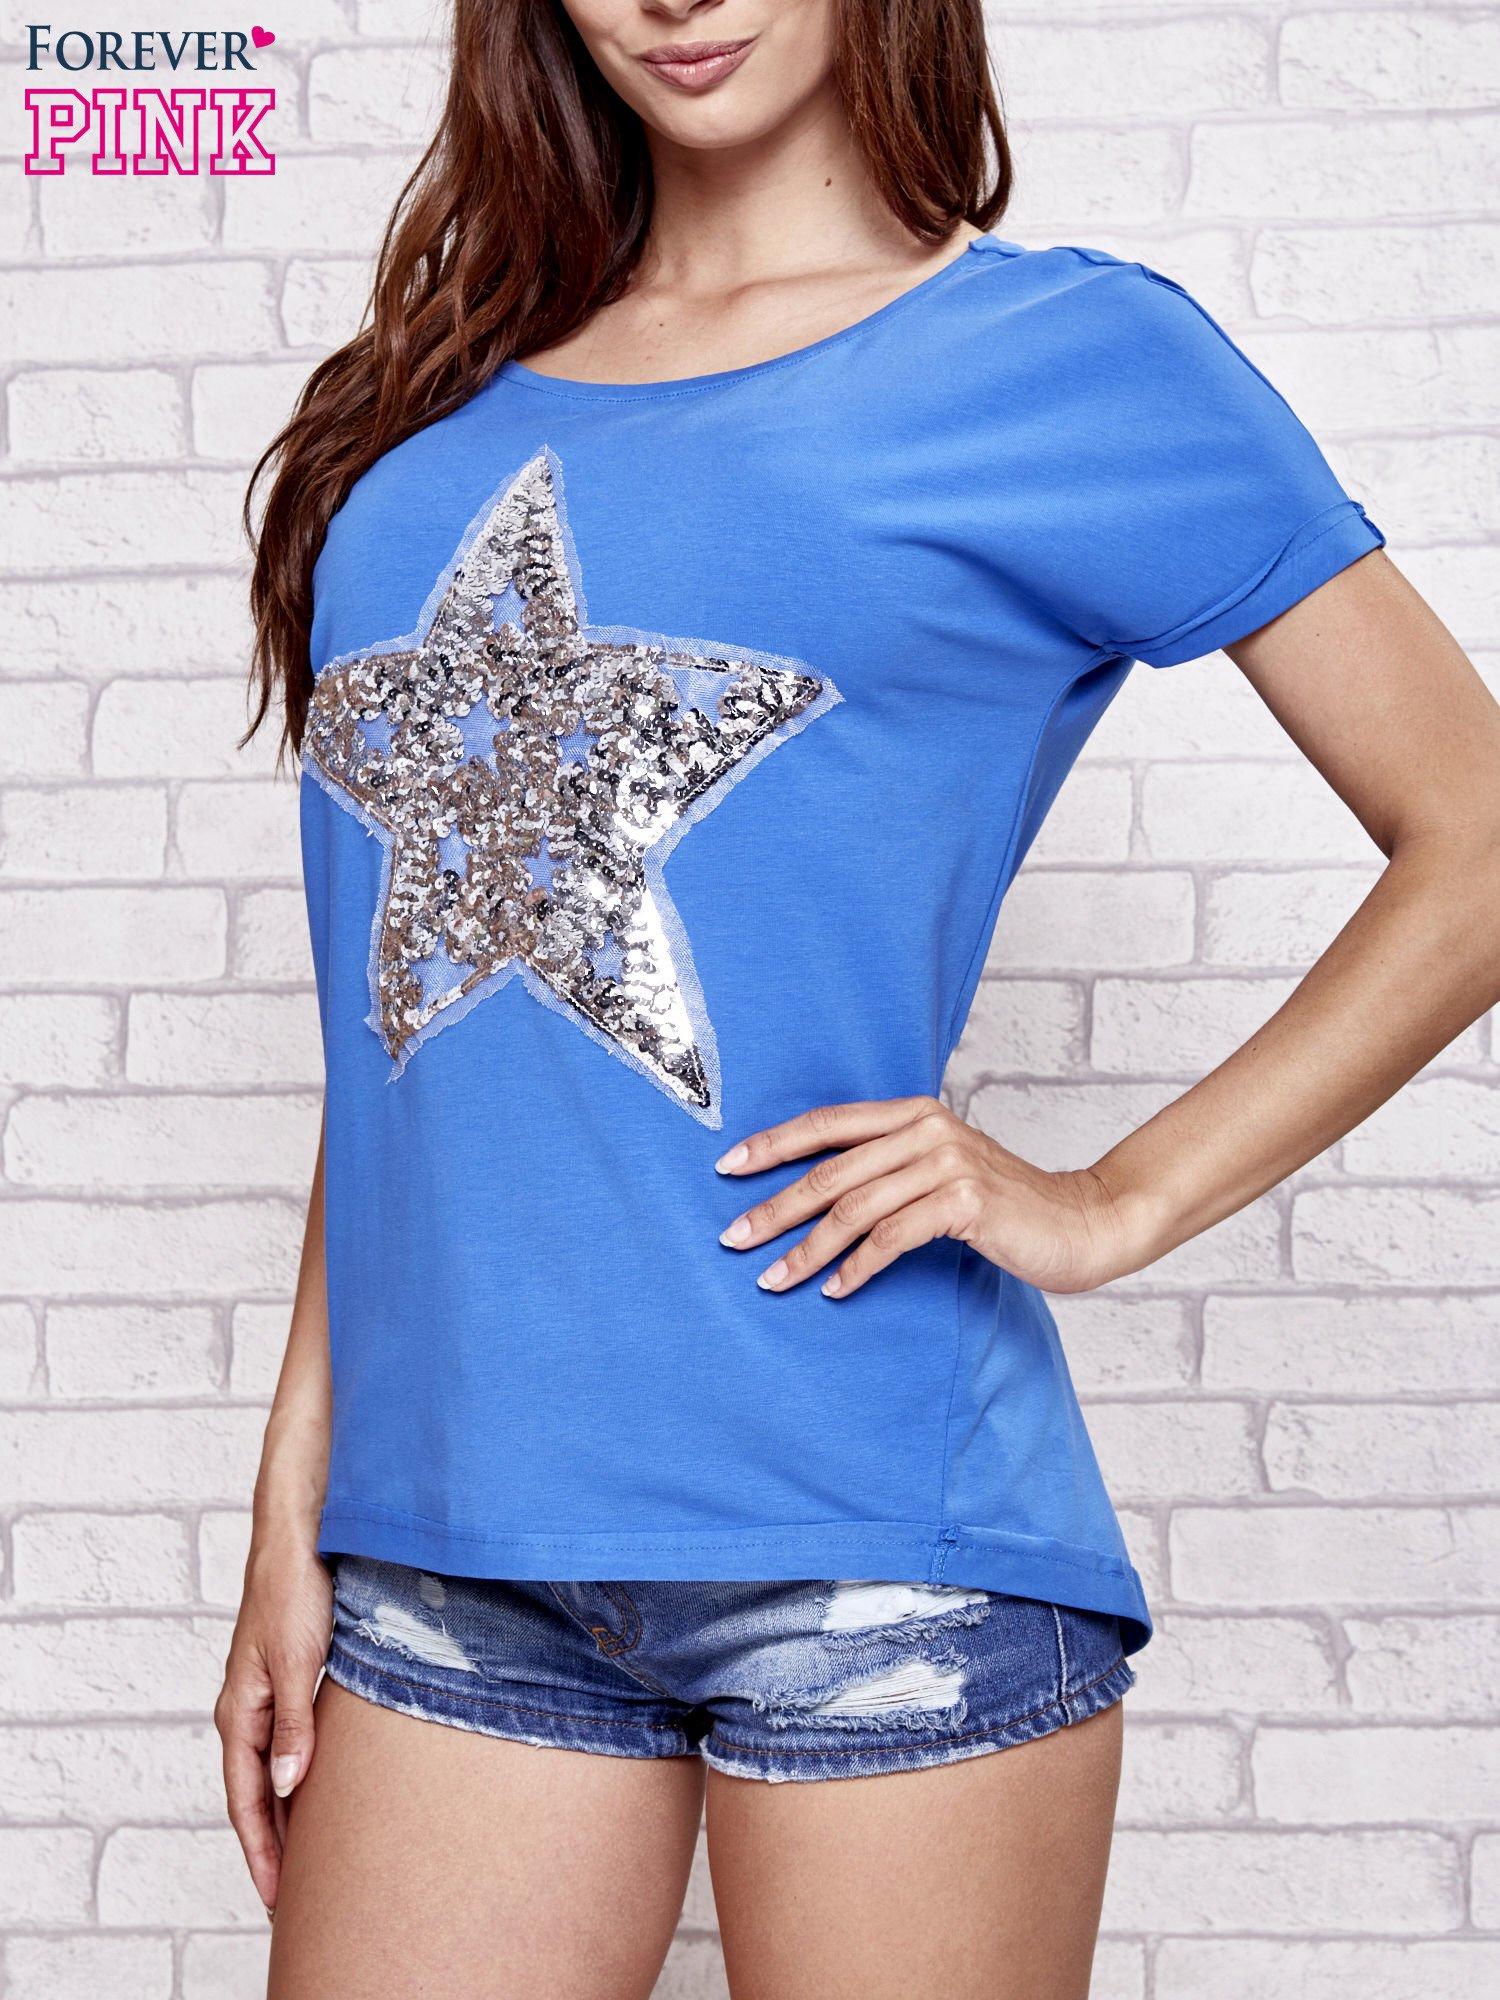 Niebieski t-shirt z gwiazdą z cekinów                                  zdj.                                  1